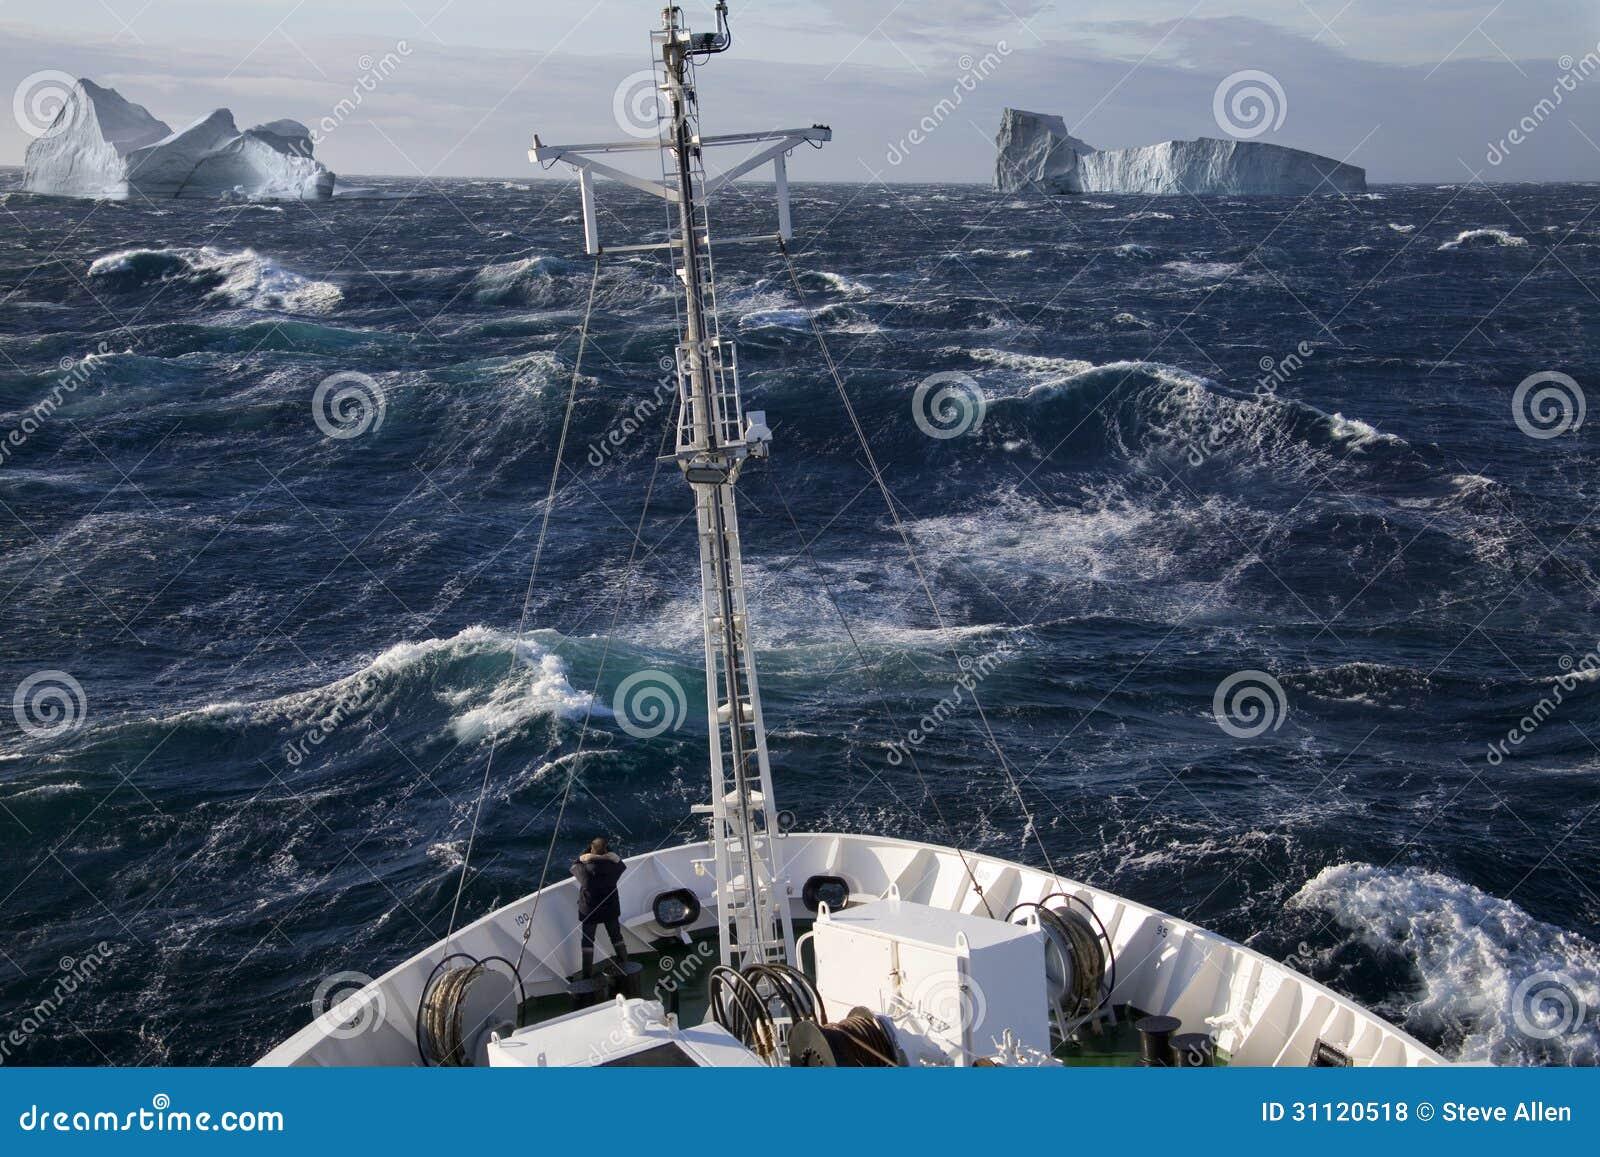 Αρκτική - σκάφος και παγόβουνα - Γροιλανδία